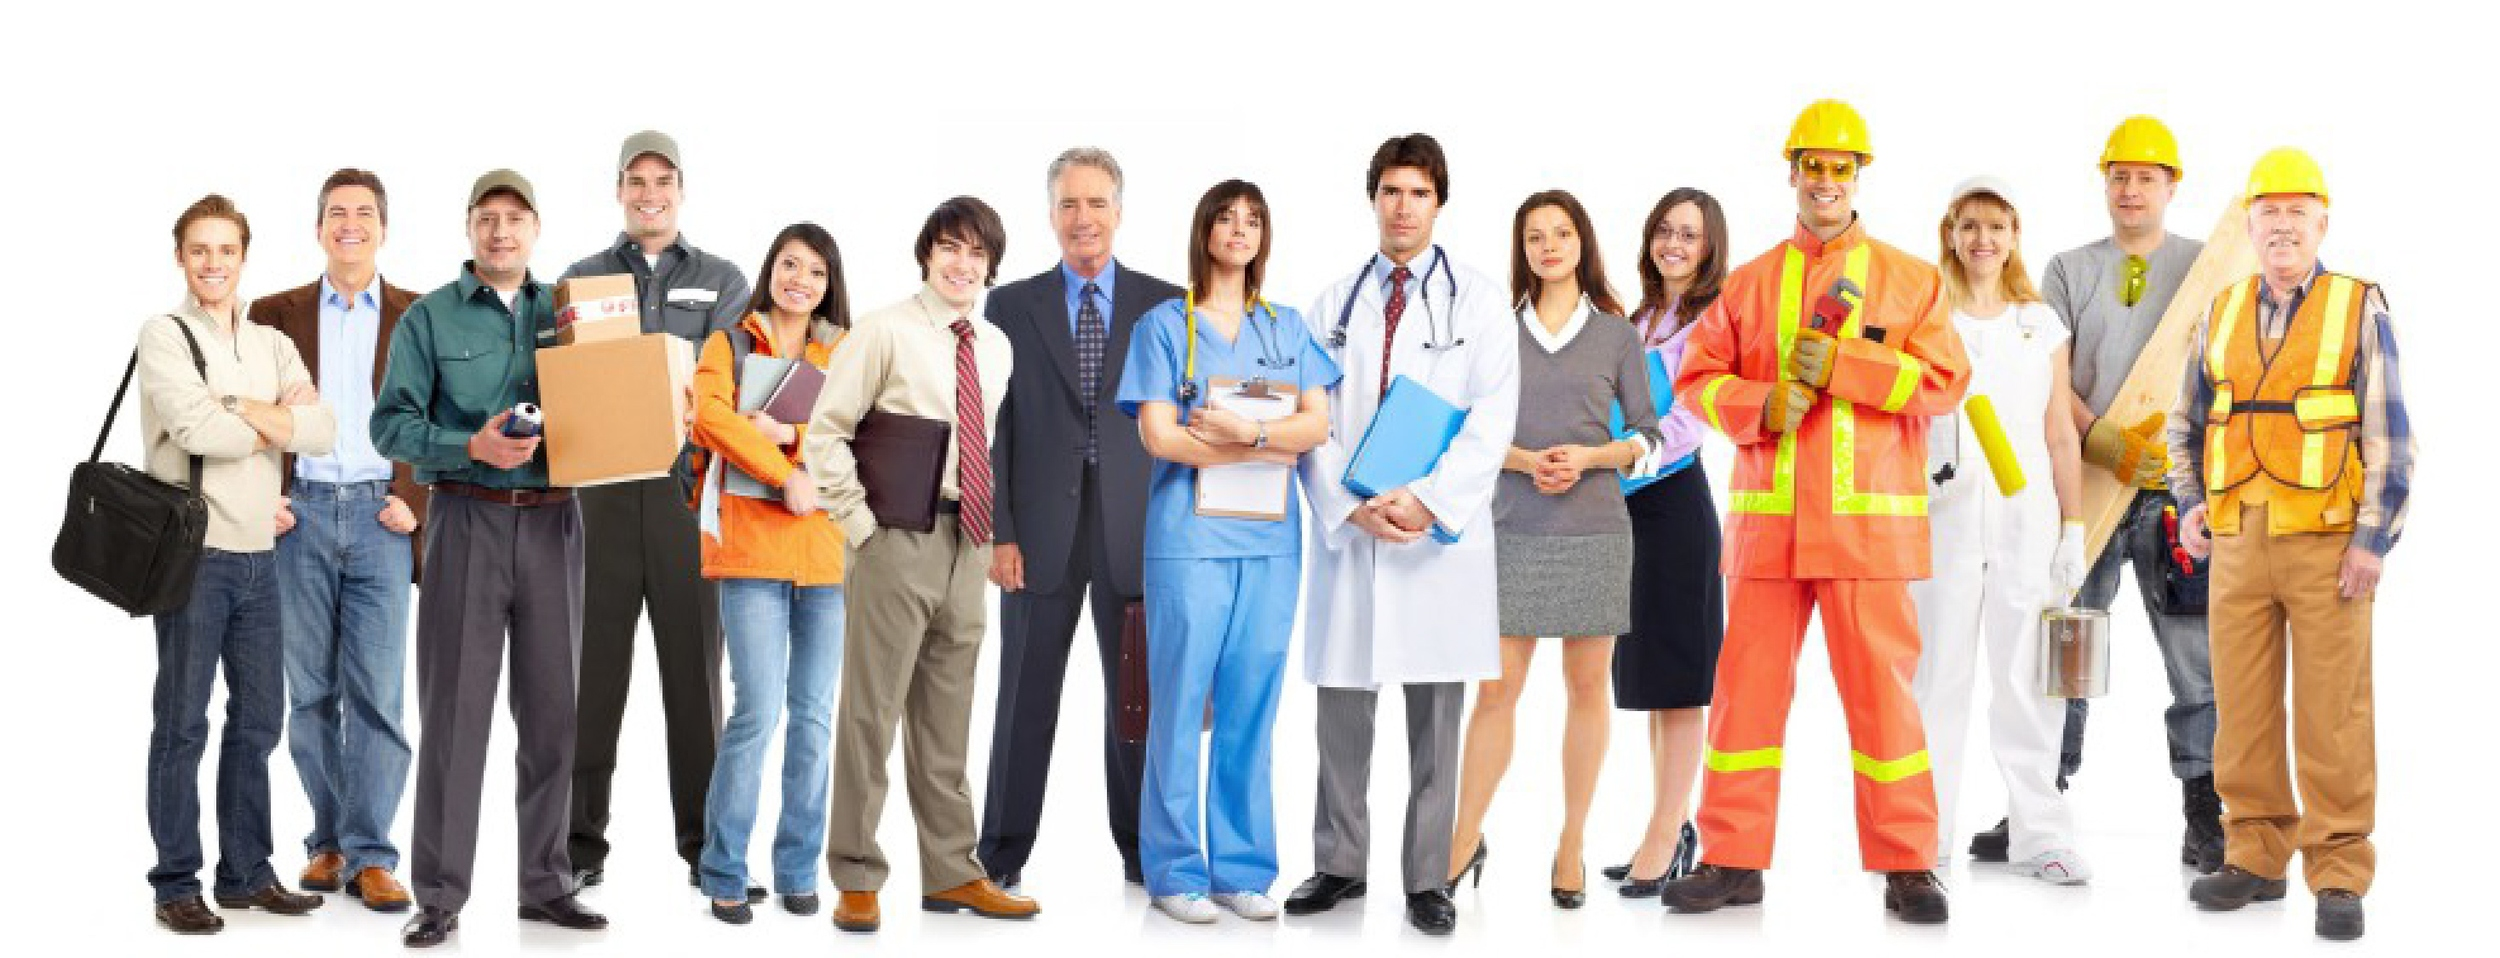 common-working-people-2.jpg